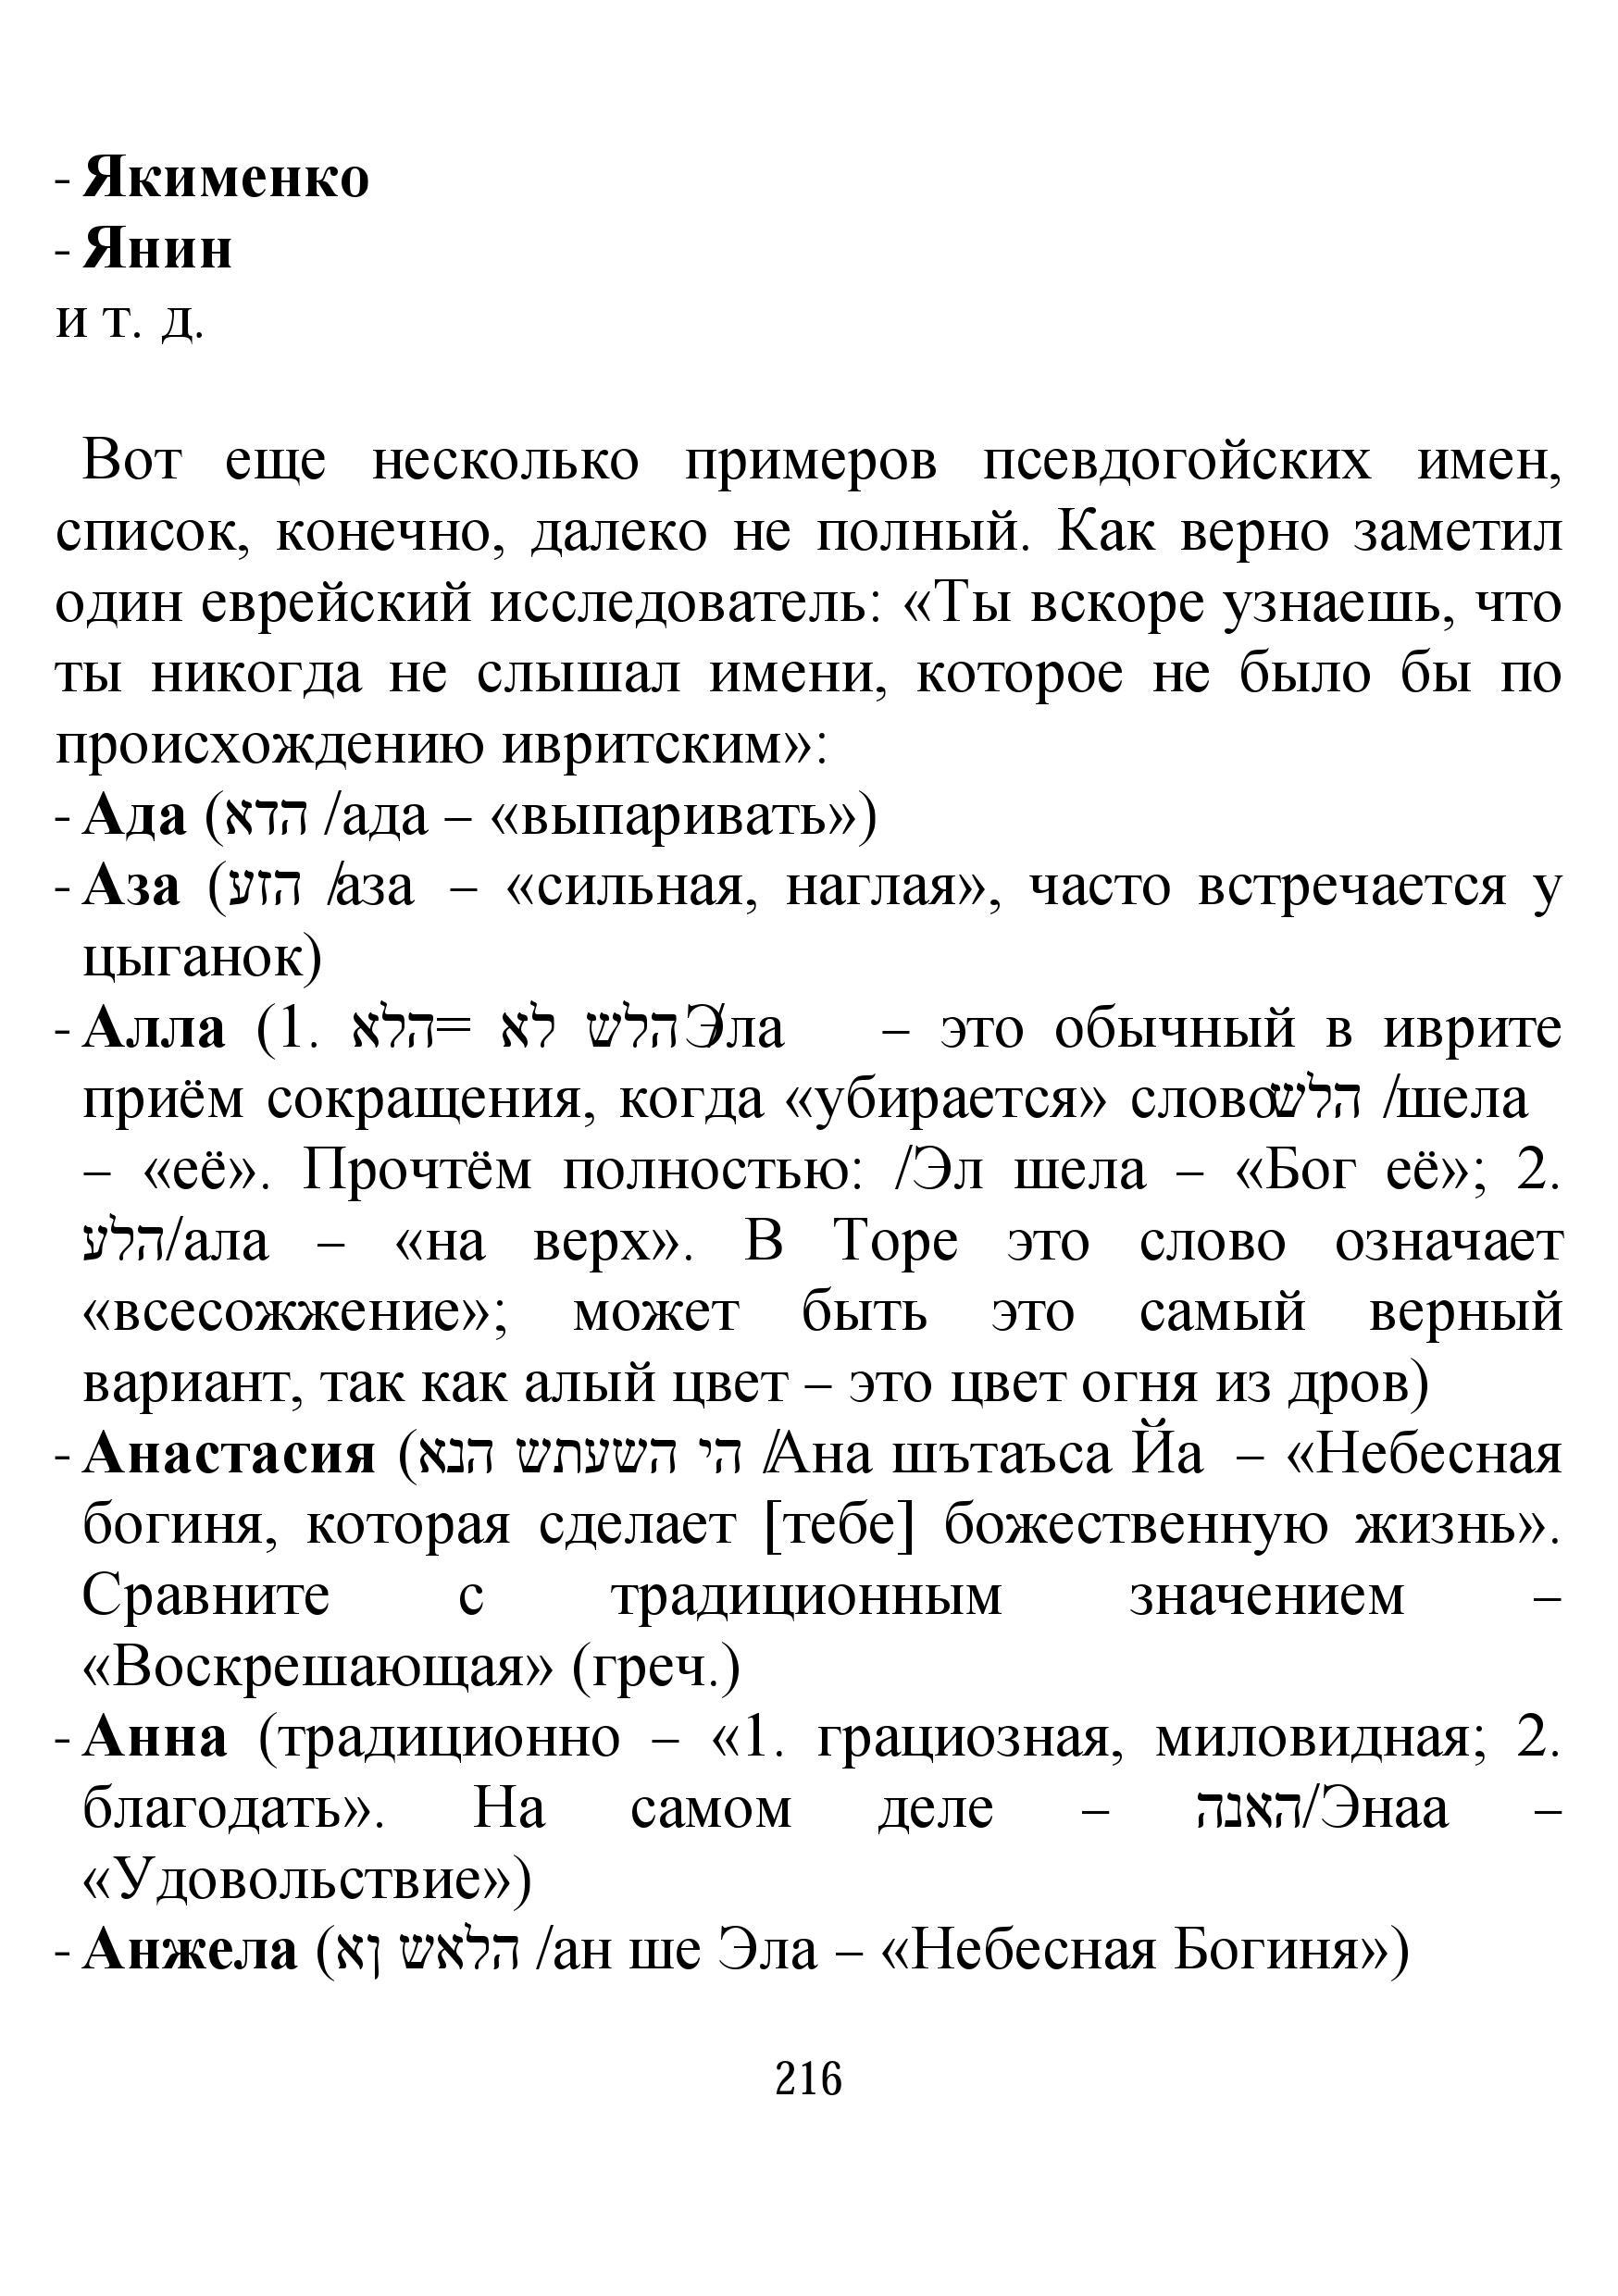 http://s6.uploads.ru/Men1U.jpg